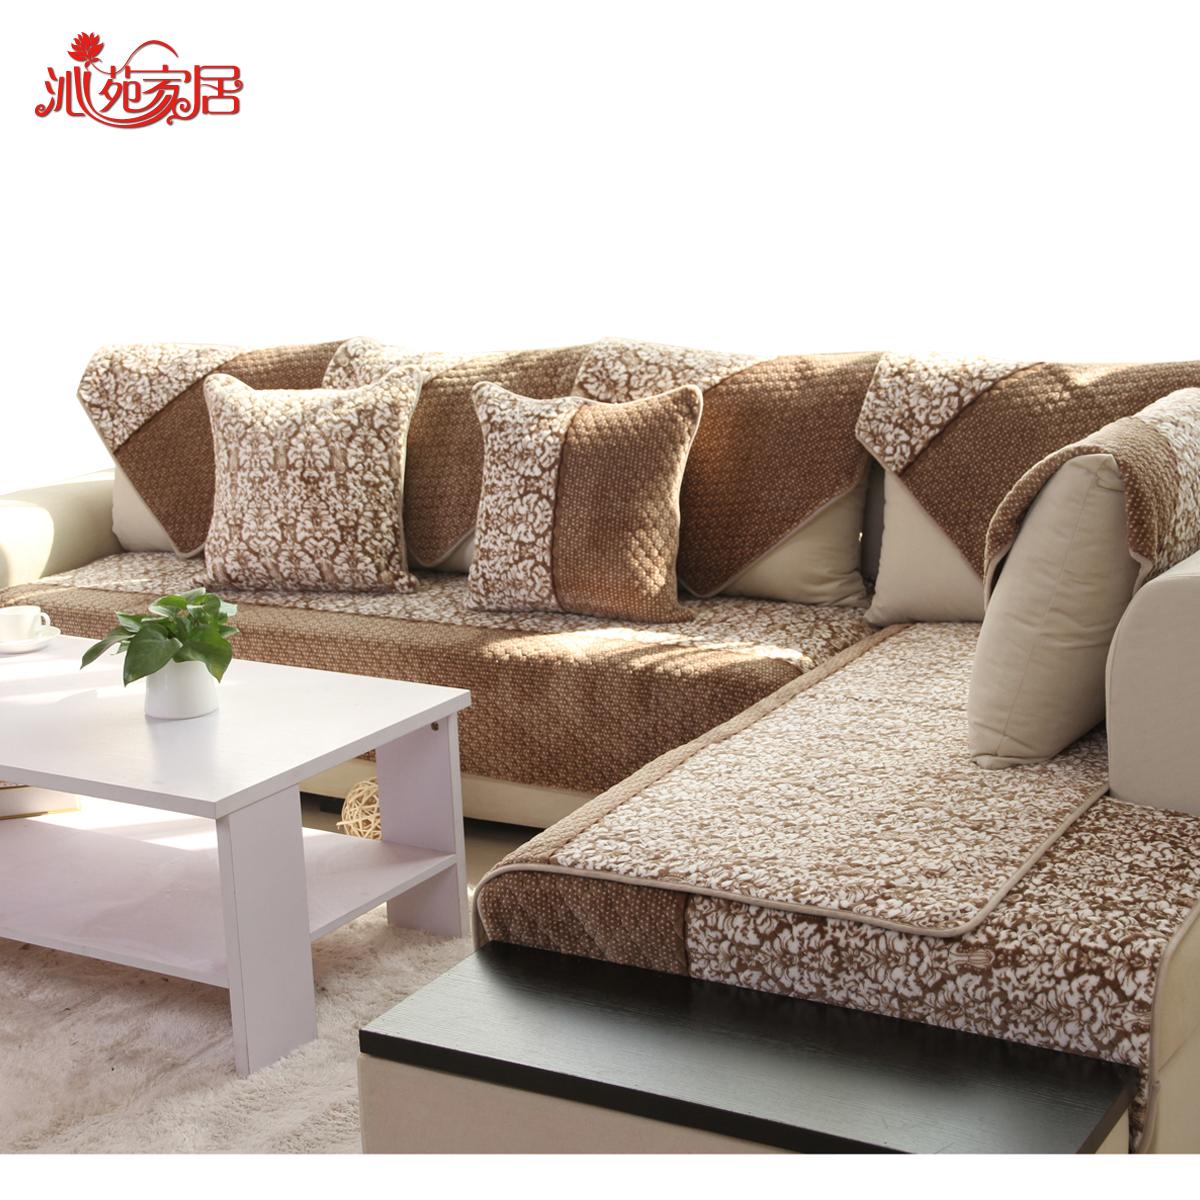 Coussins cuir pour canape maison design for Gros coussin pour canape